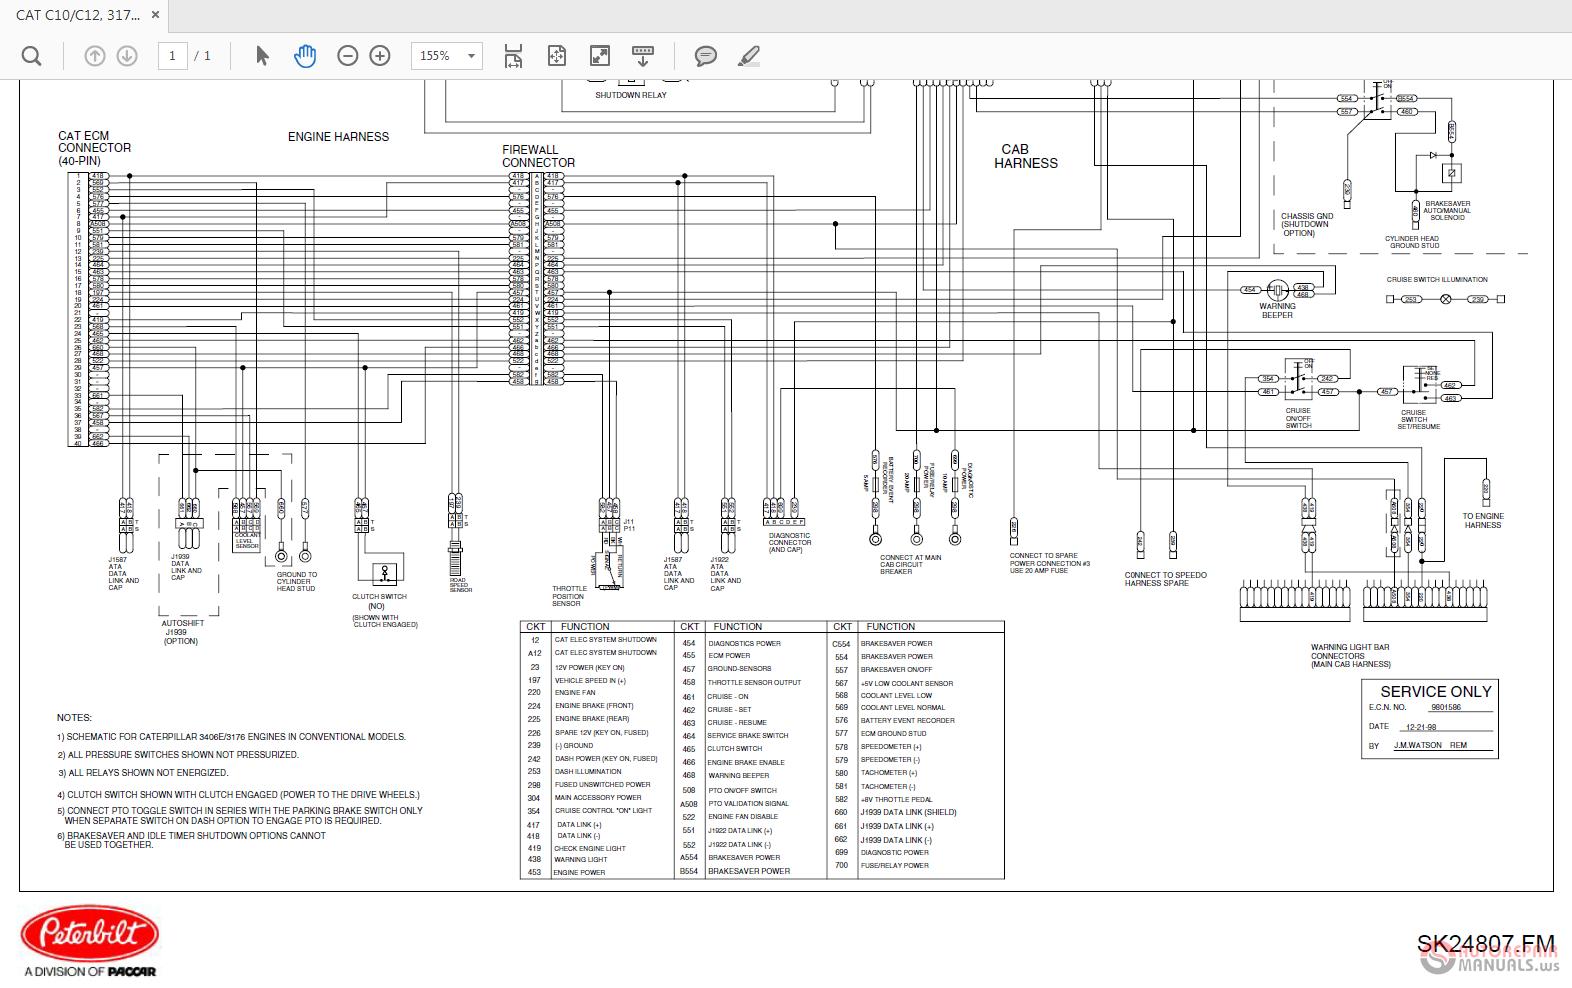 peterbilt-cat c10-12 3176b 3406b sk24807 engine schematic